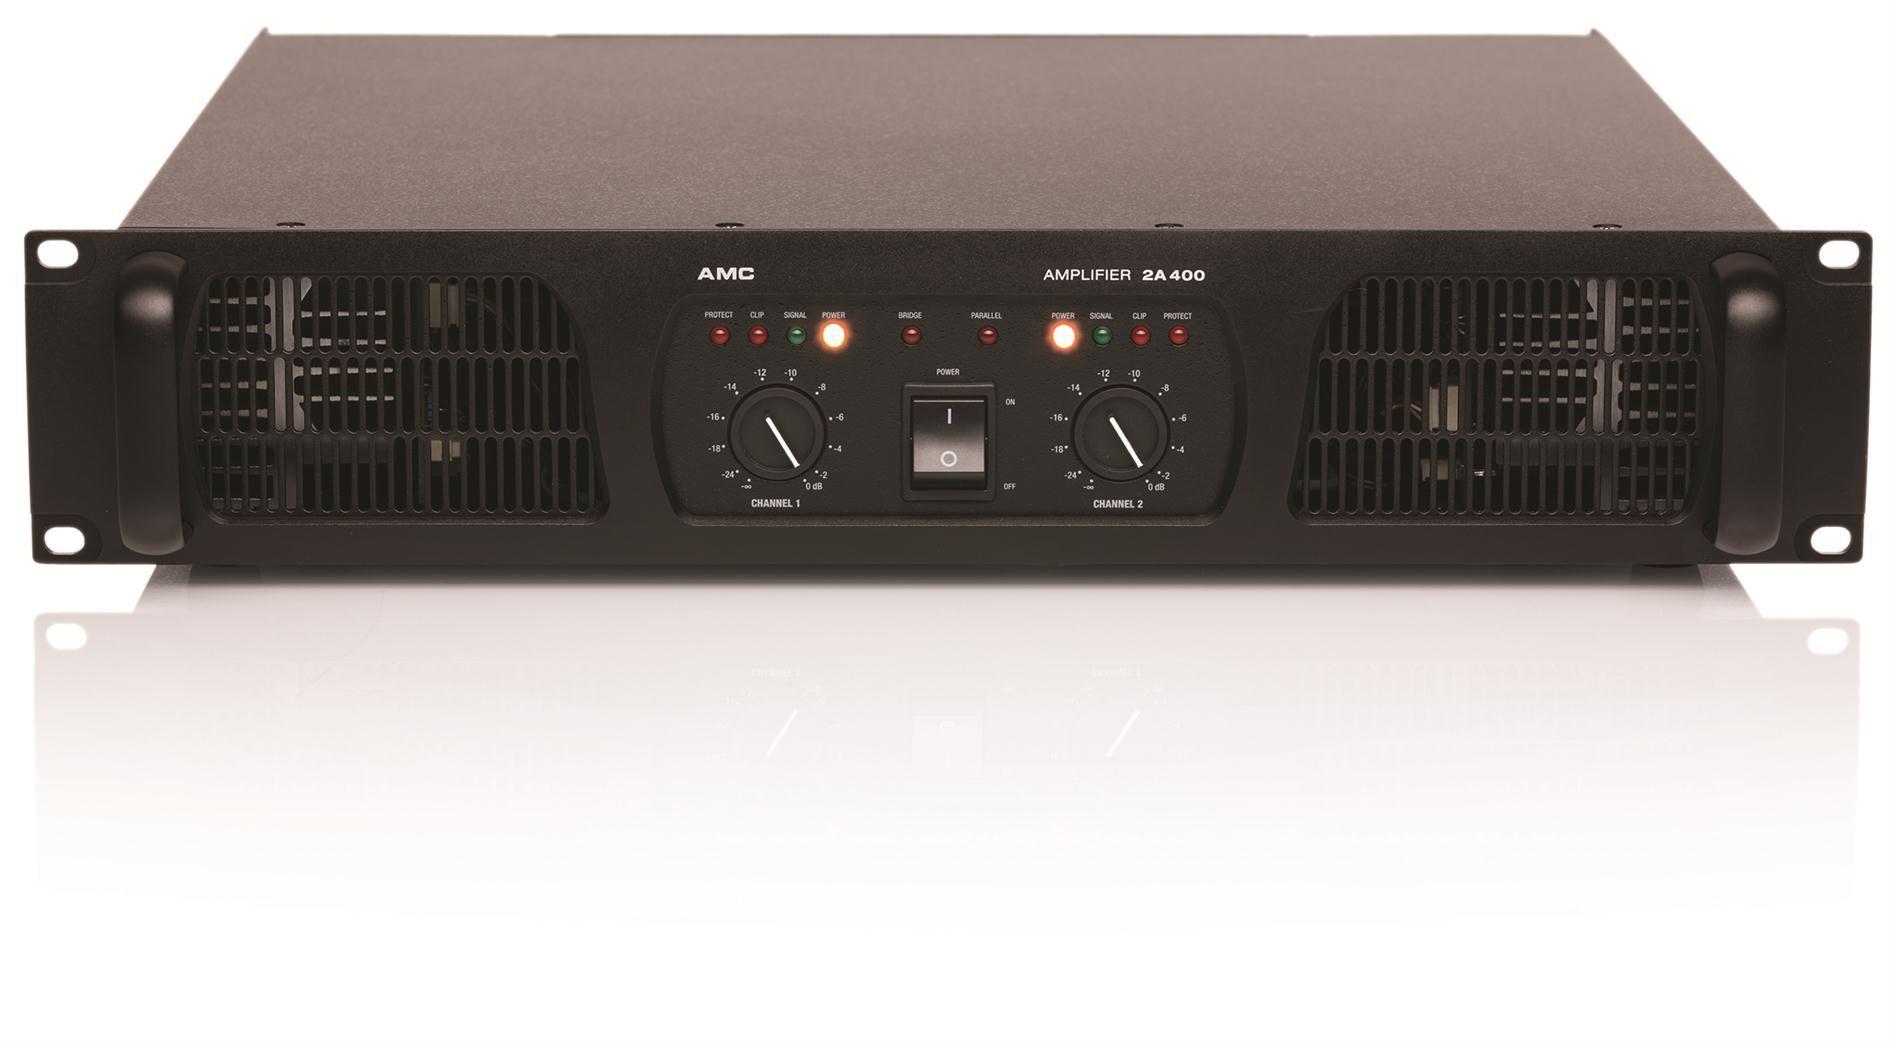 专业功放(2x400w)-定阻式专业功放-amc广播,vaka音响